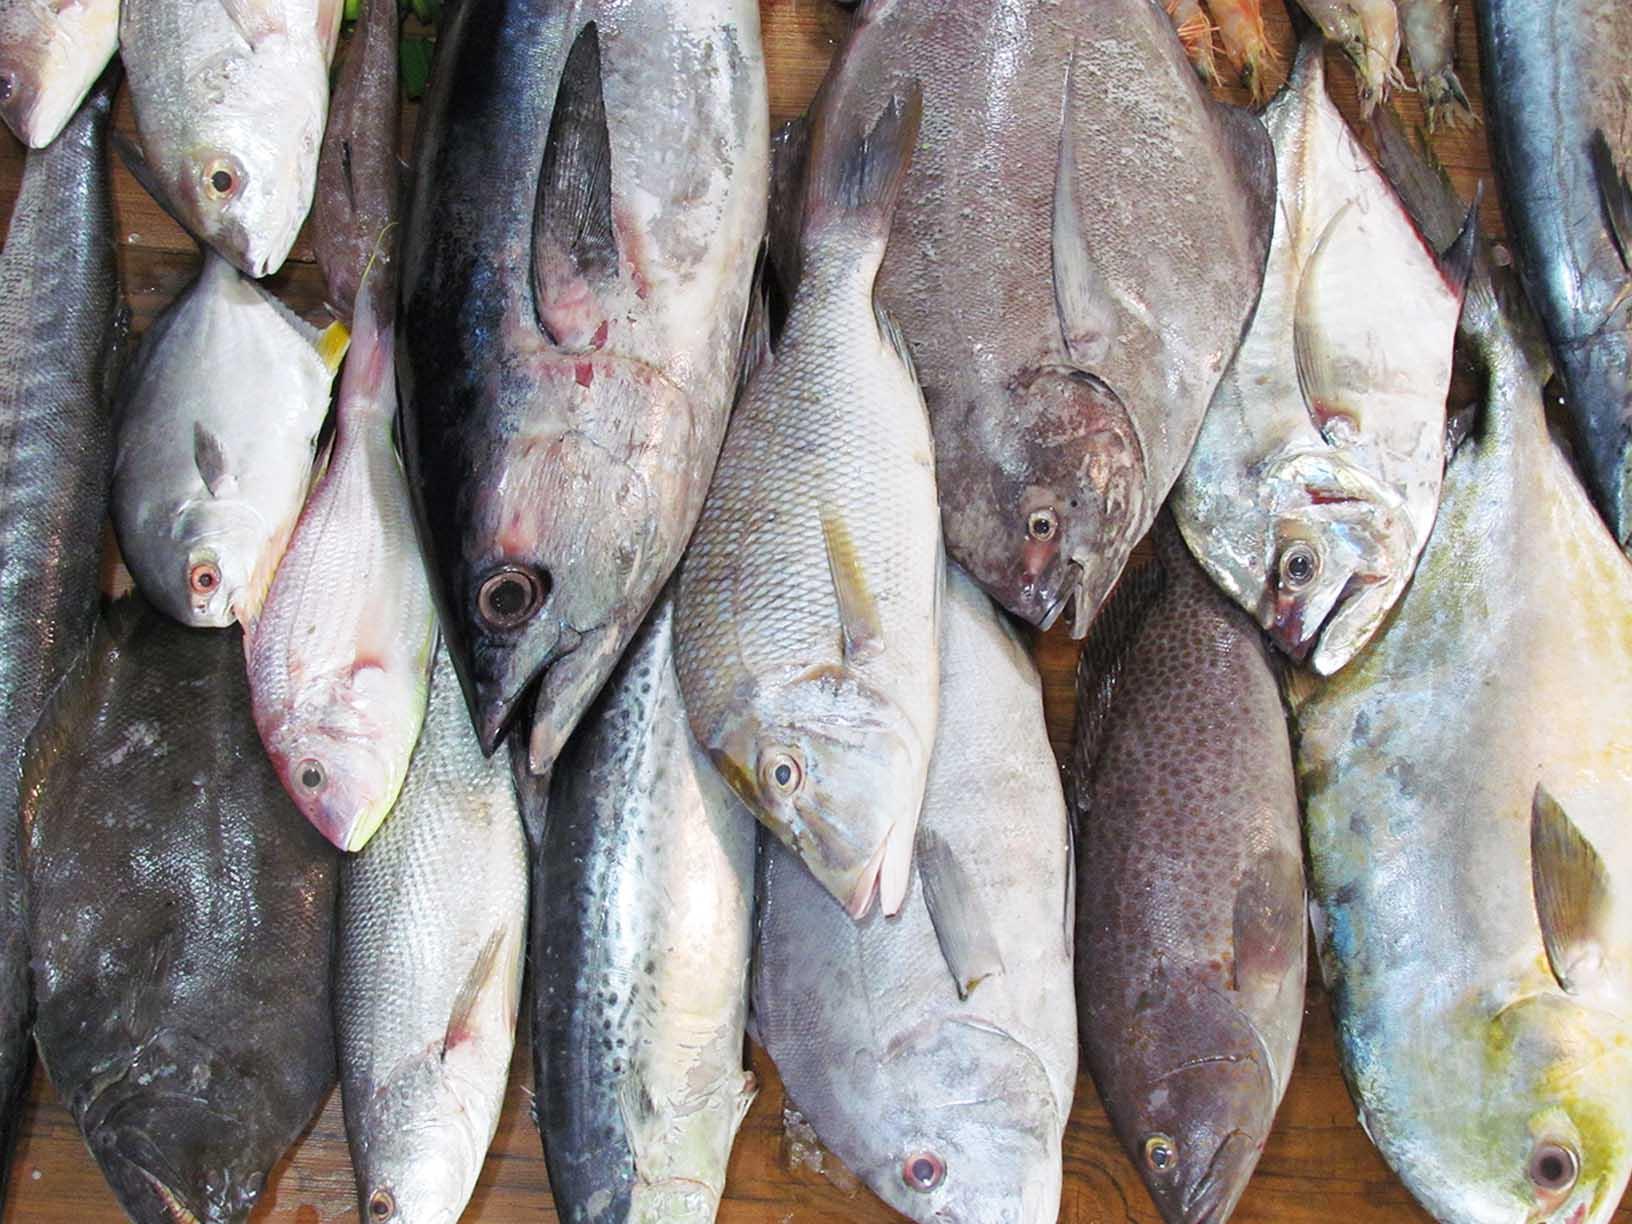 ماهی شمال بهتر است یا جنوب